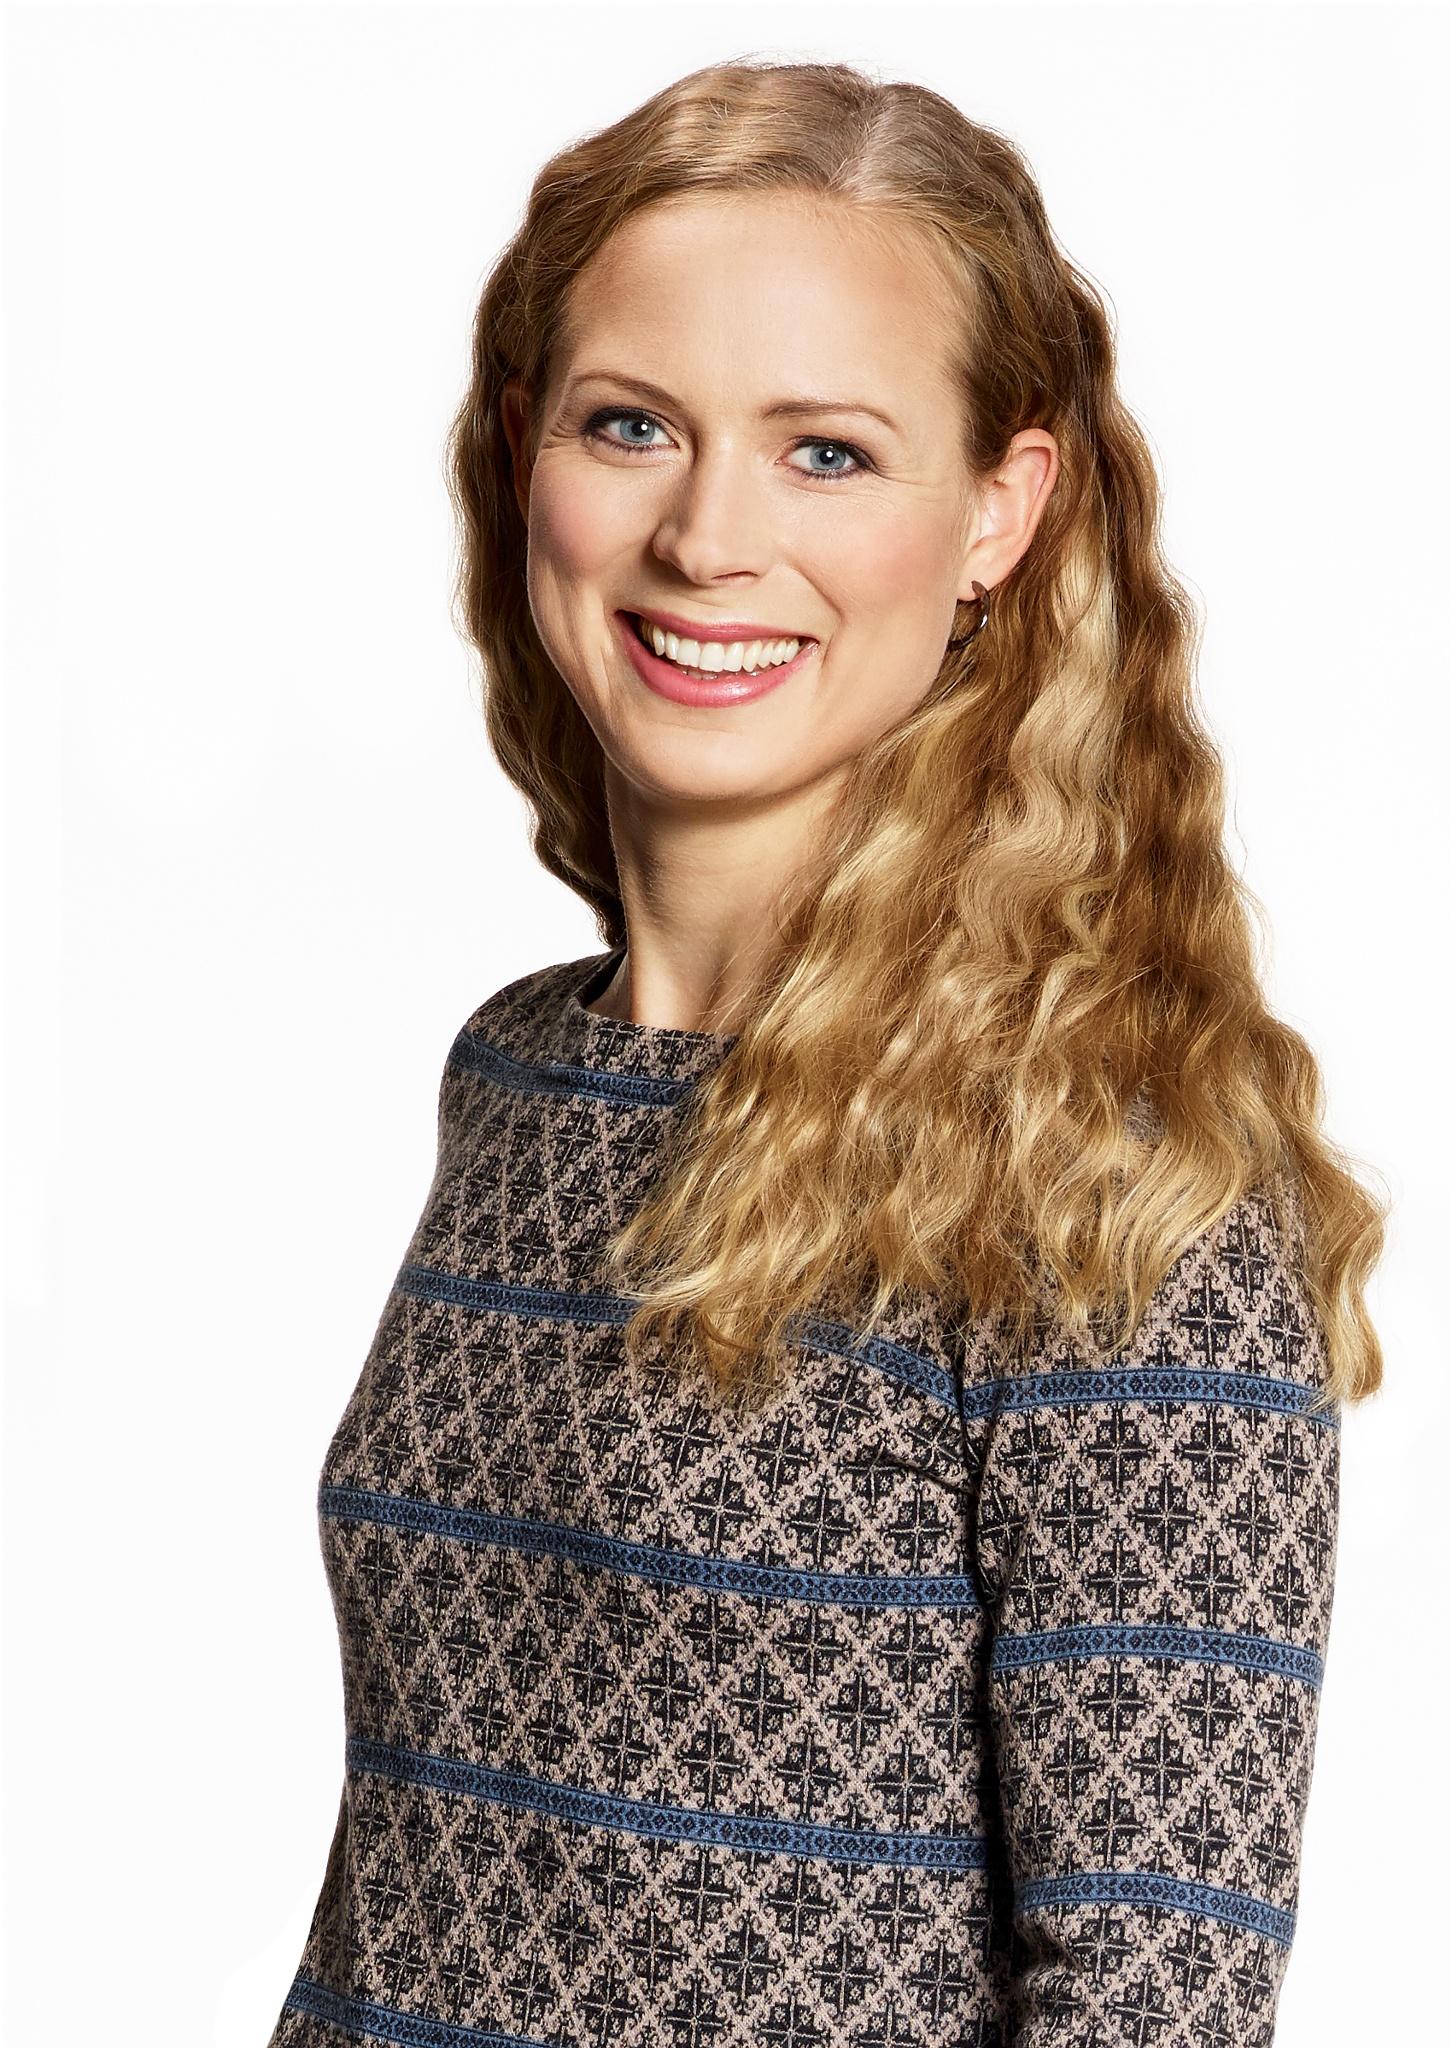 Fredrika by Christina Edursdotter